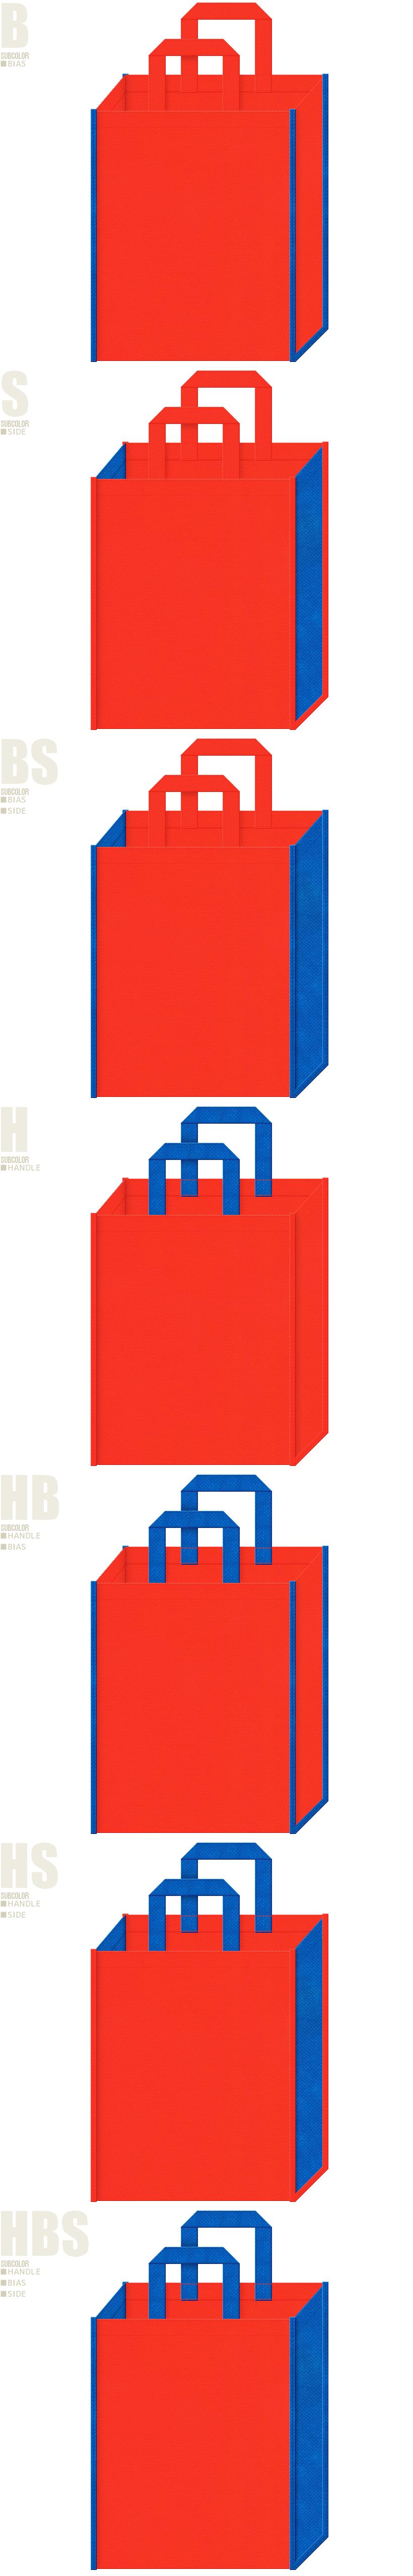 不織布トートバッグ 不織布カラーNo.1オレンジとNo.22スカイブルーの組み合わせ